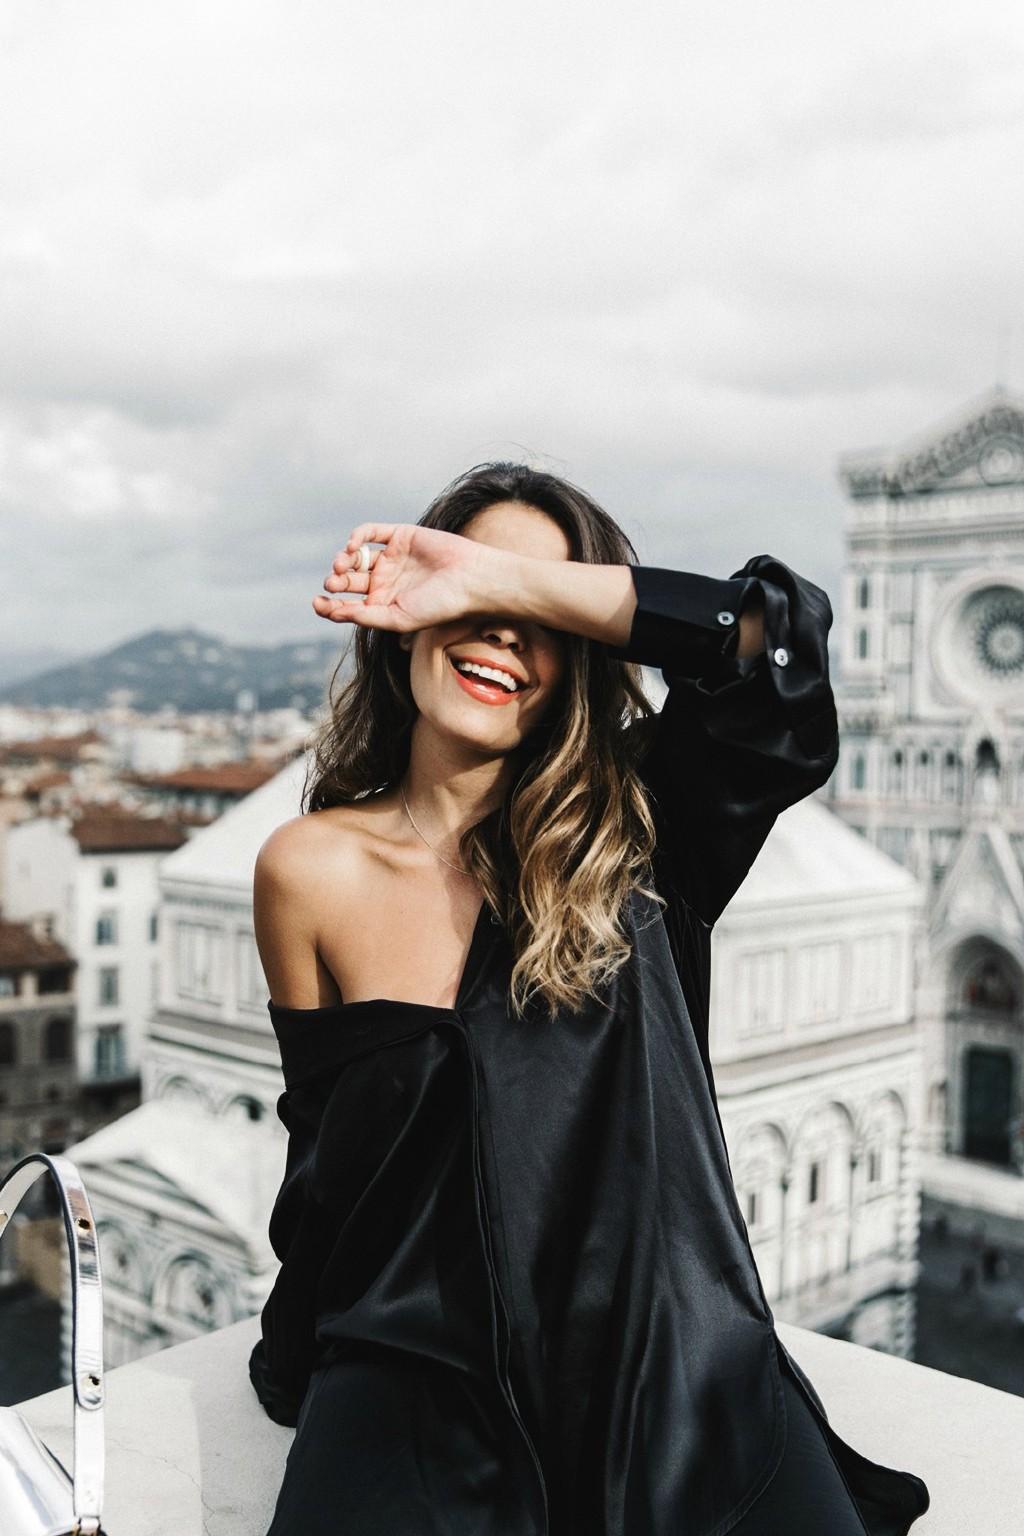 2018 青年福利微刊第 164 期:说到底,悲观是一种远见。鼠目寸光的人,不可能悲观。